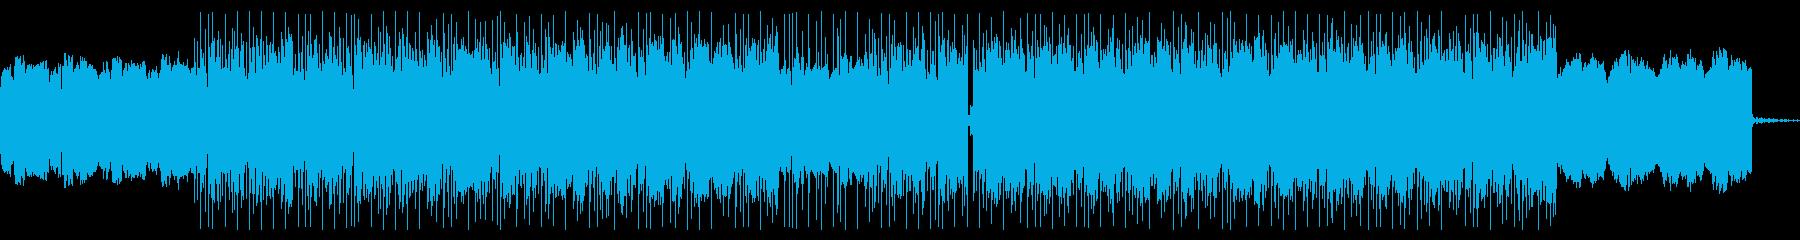 人気/ほのぼの/楽しい/和やかなビートの再生済みの波形